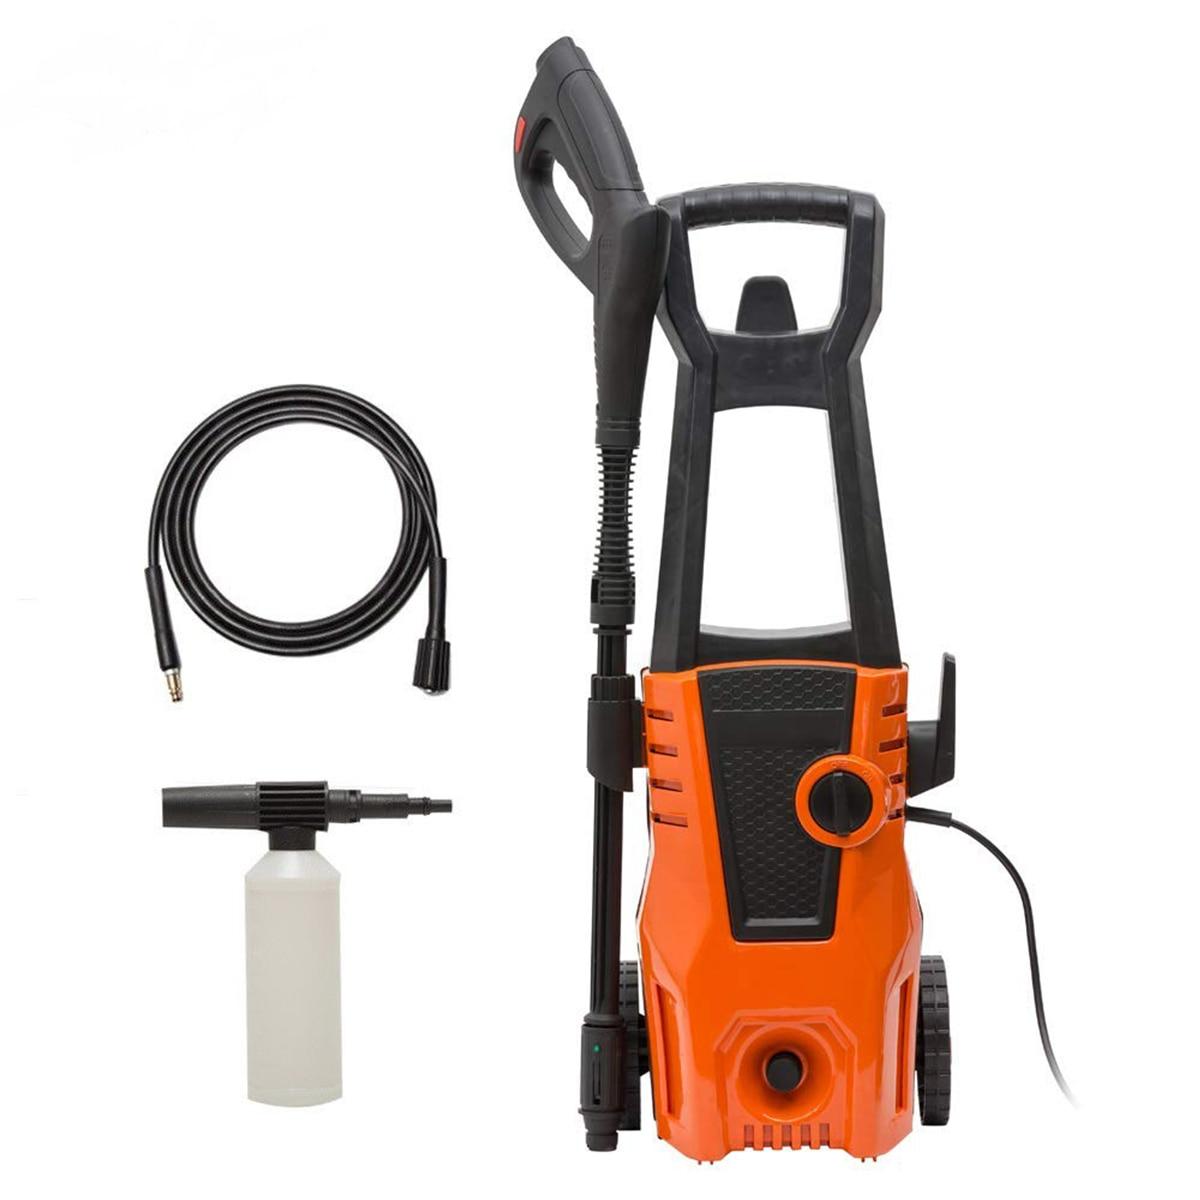 High Pressure Cleaner Spray Turbo Water Hose Car Washer Auto Care Spray Gun Detergent Bottle Car Self-washing Machine 1400w New